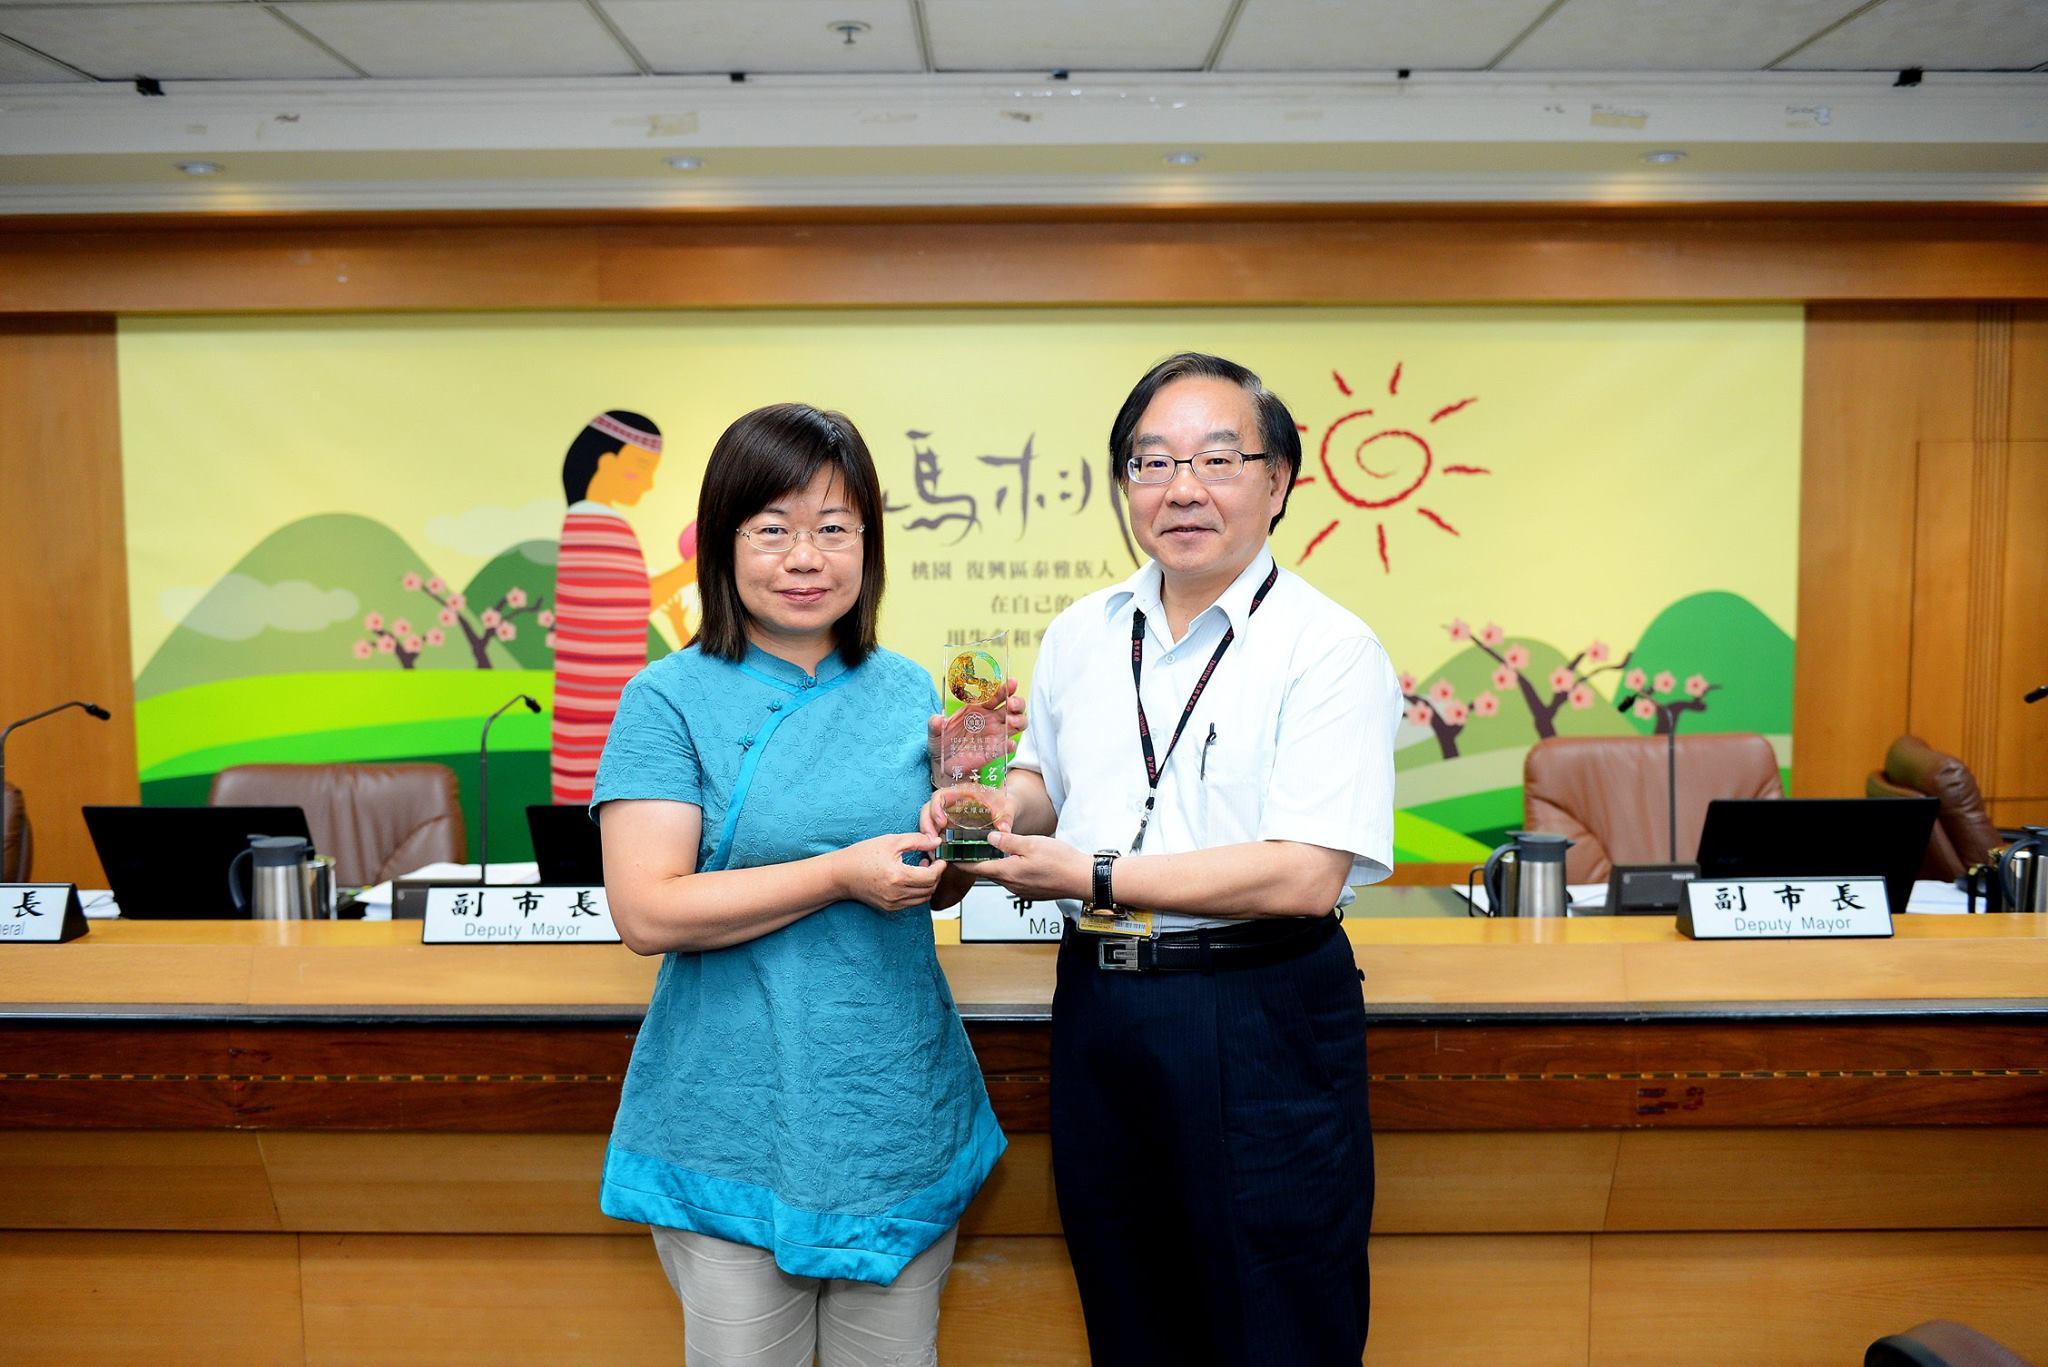 龍潭區公所道路養護管理績效考評第二名